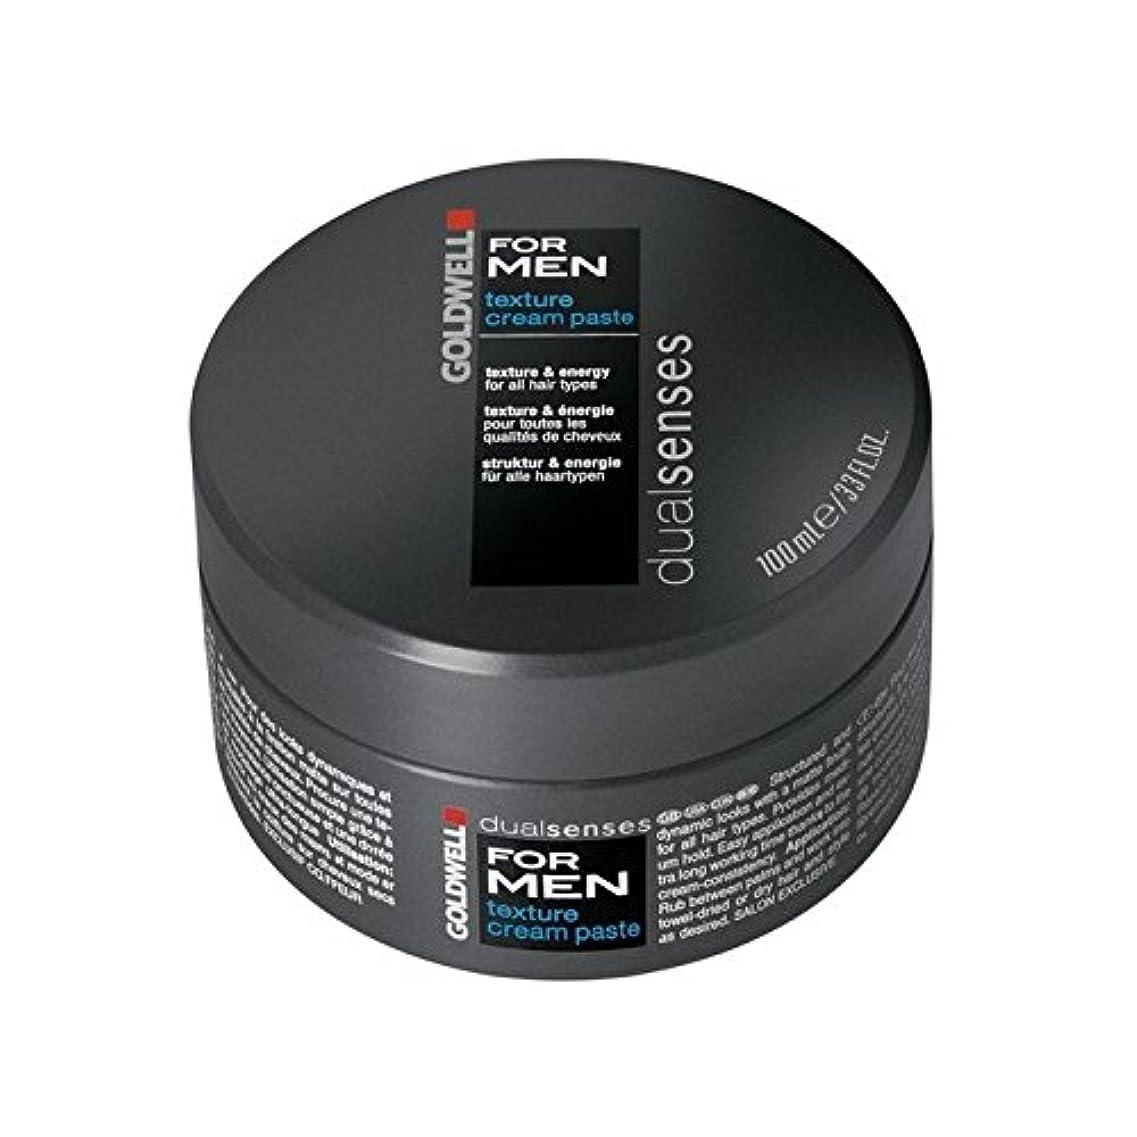 馬力平衡充実男性のテクスチャーのクリームペースト(100ミリリットル)のためのの x4 - Goldwell Dualsenses For Men Texture Cream Paste (100ml) (Pack of 4) [並行輸入品]